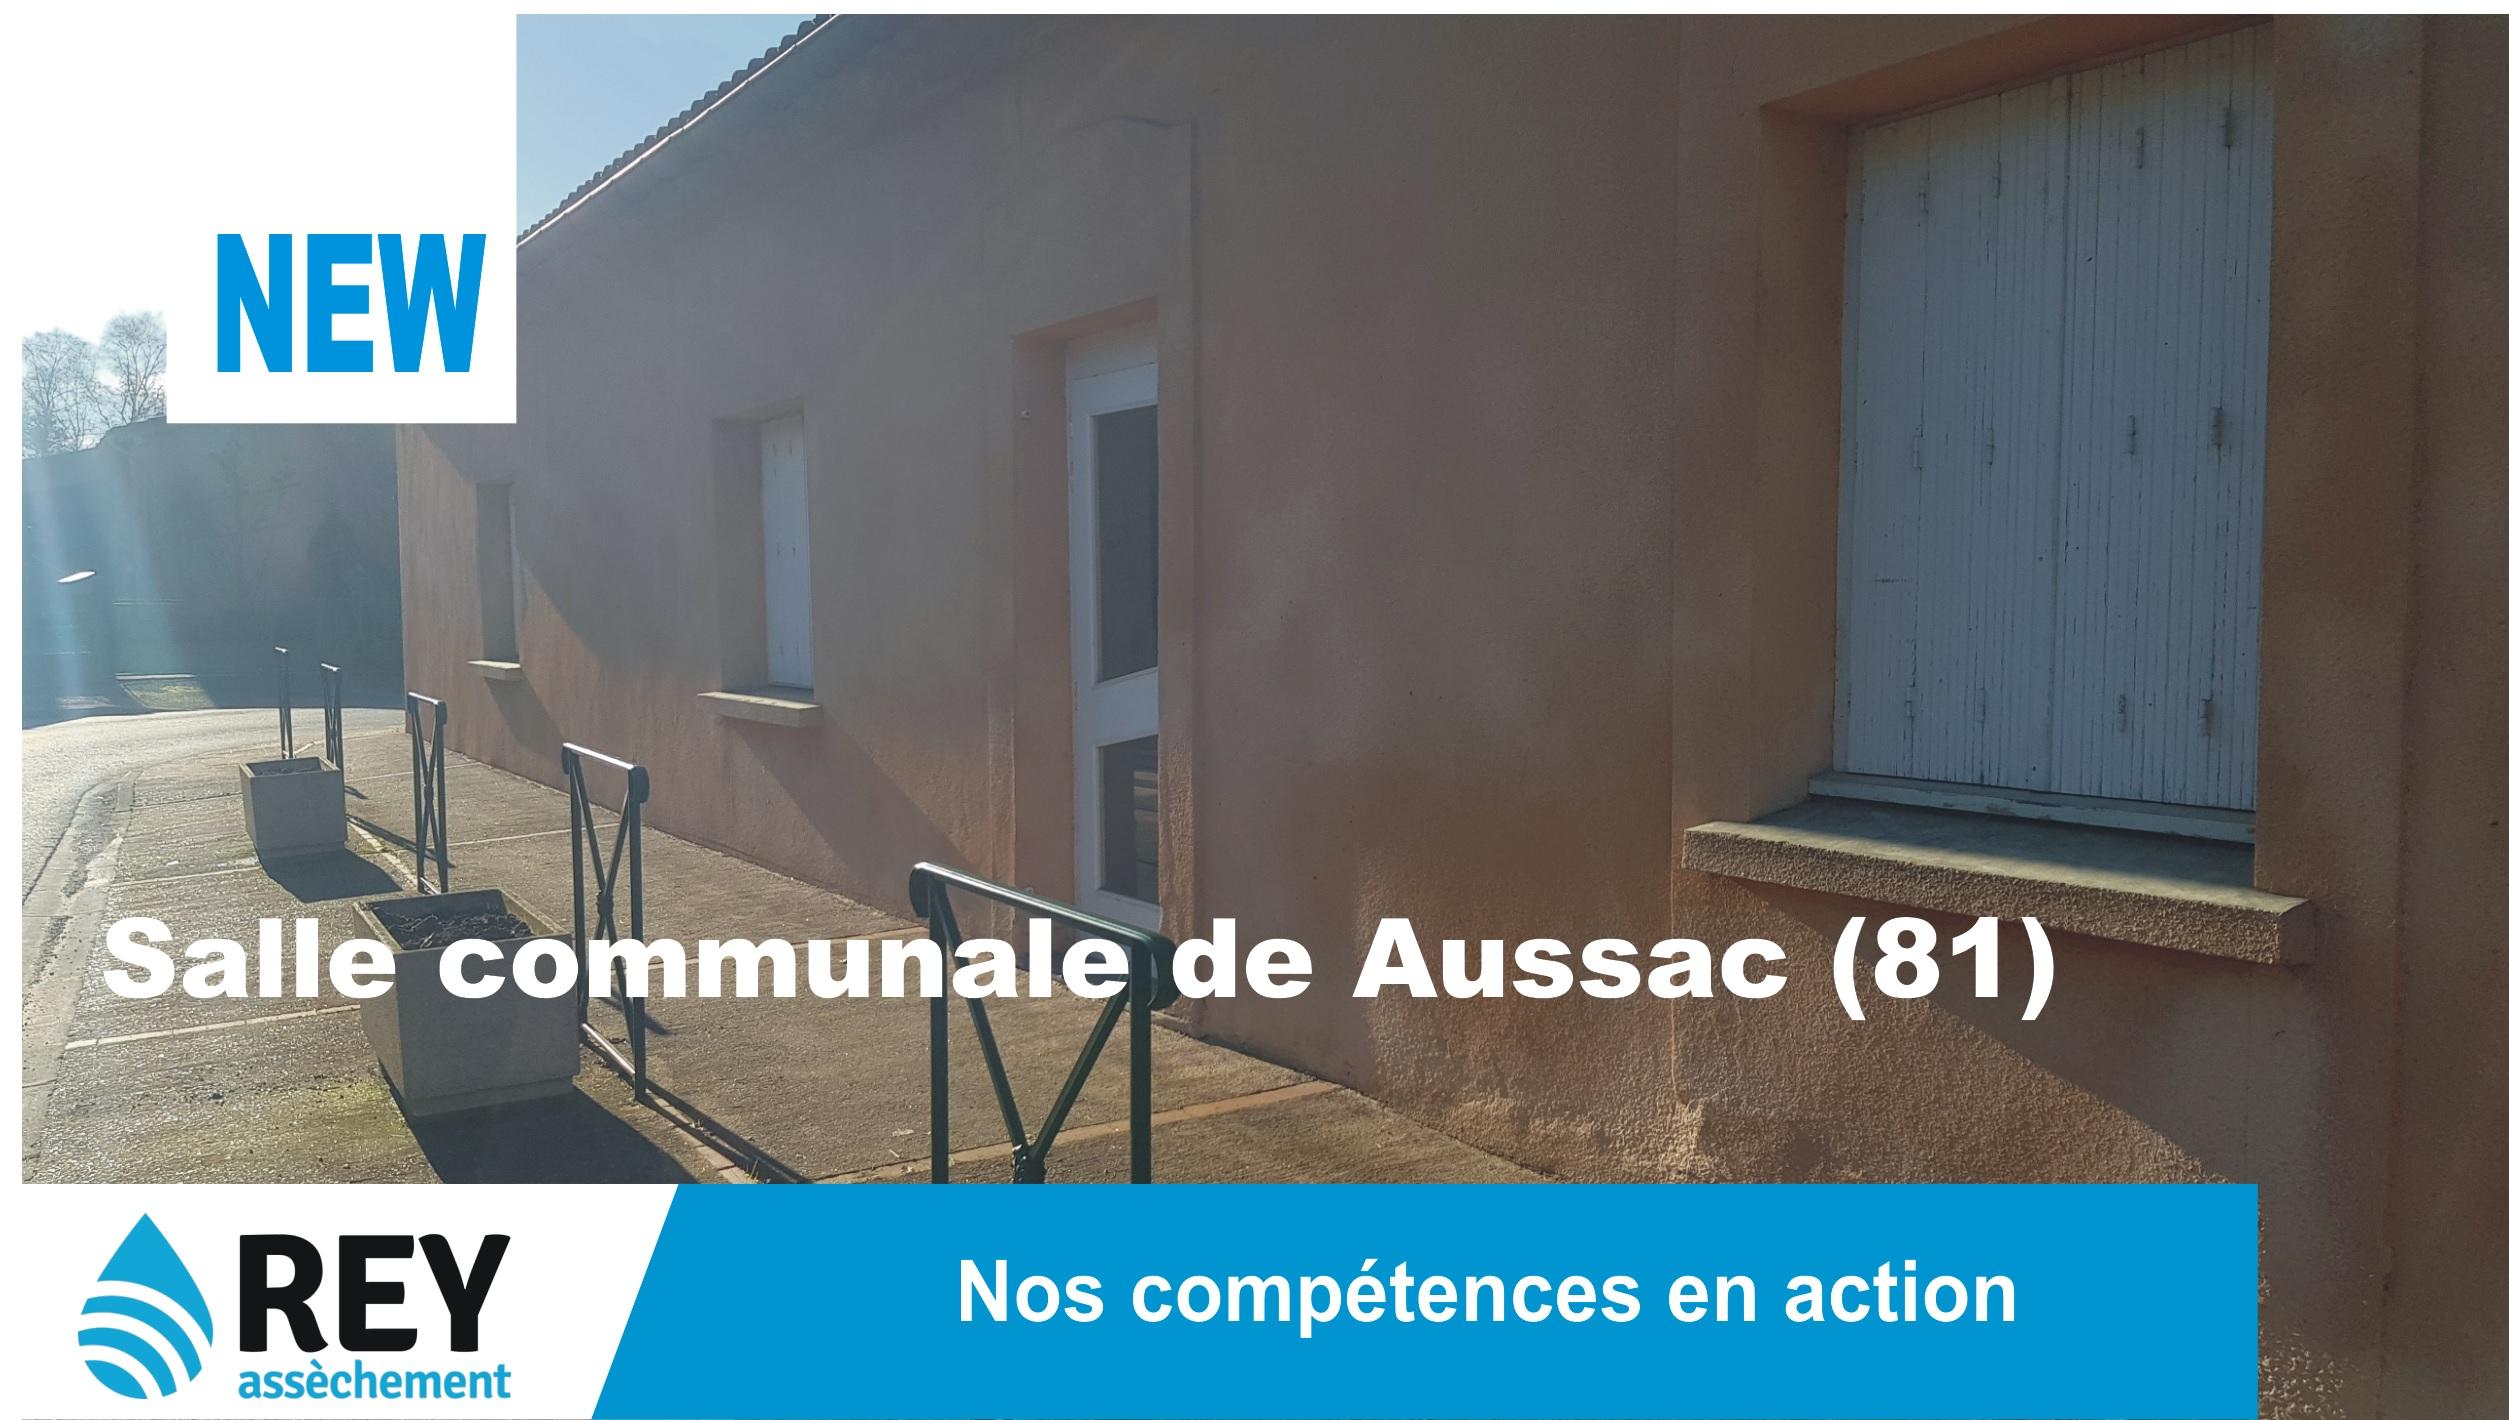 AUSSAC